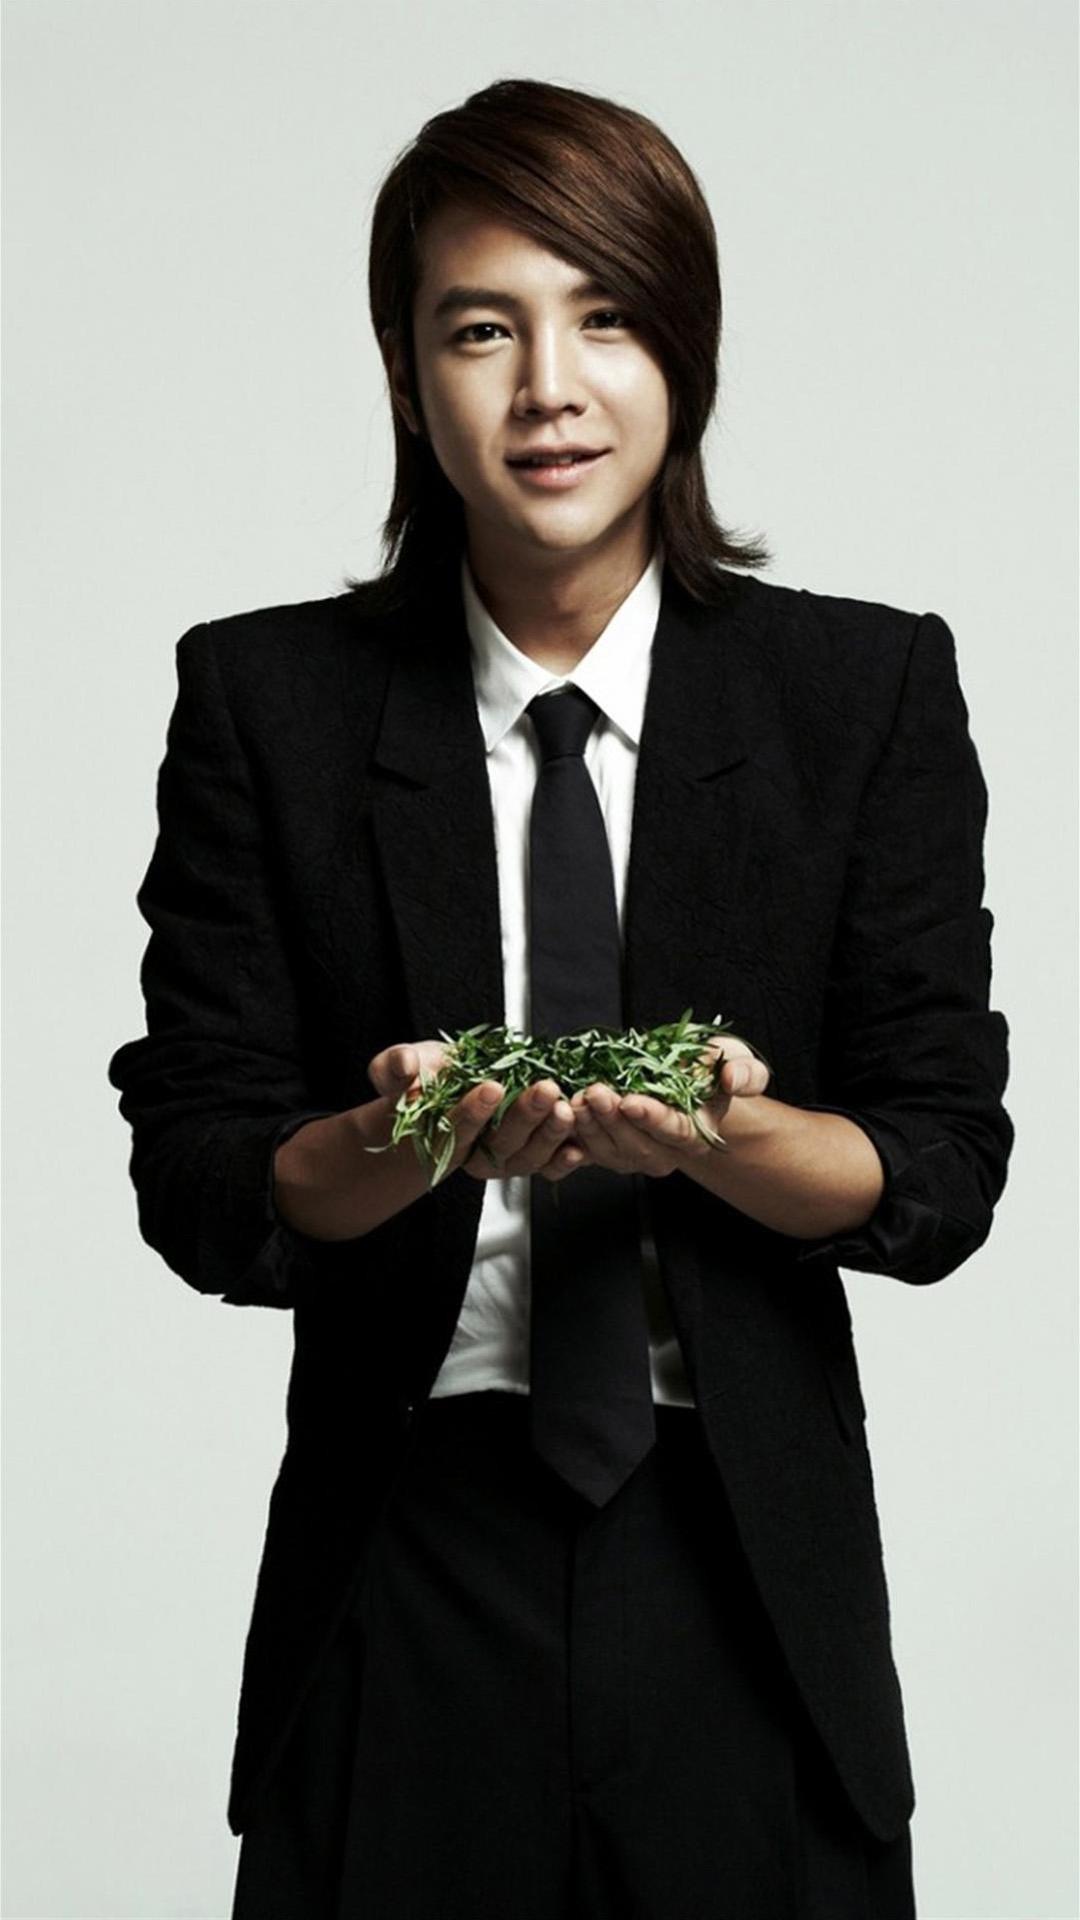 Actor Wallpapers Korean star Jang Geun Suk Galaxy Note 3 ...